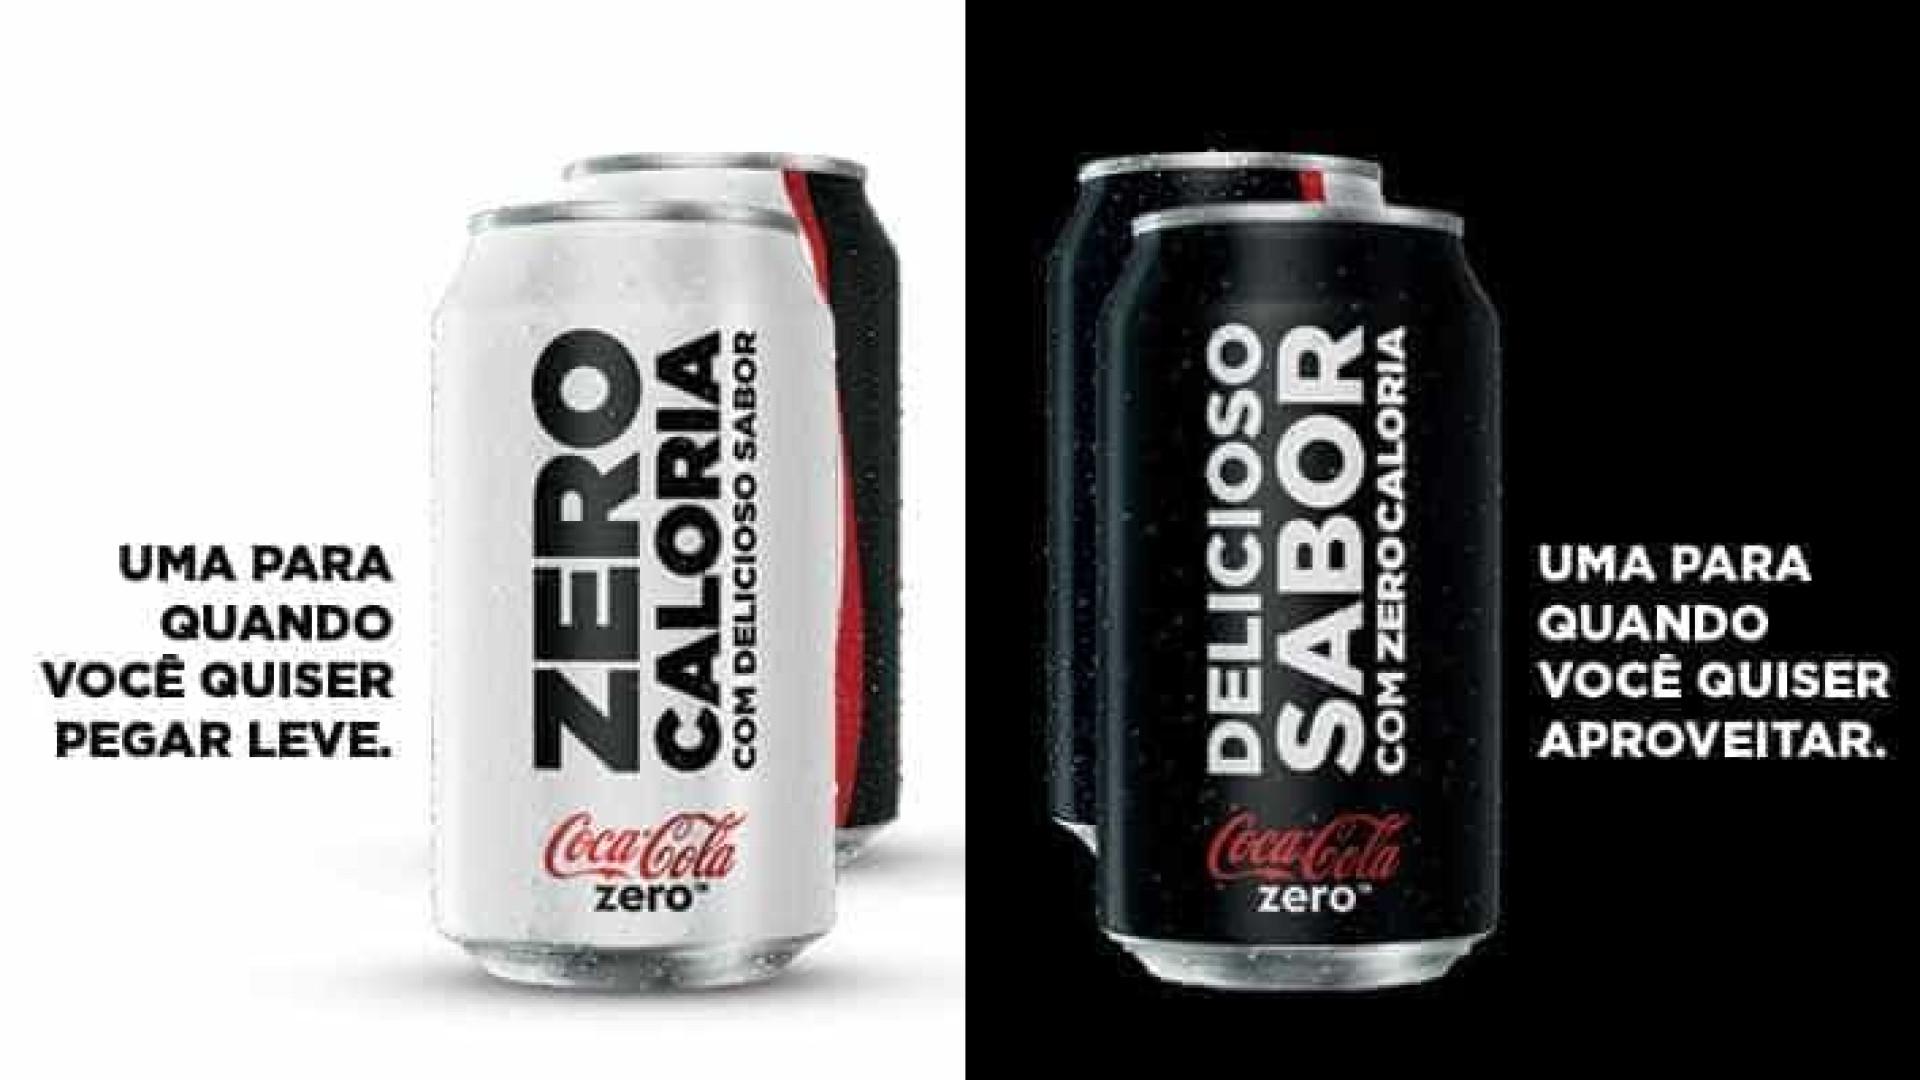 Com novas embalagens, Coca-Cola quer elevar venda de refrigerante zero